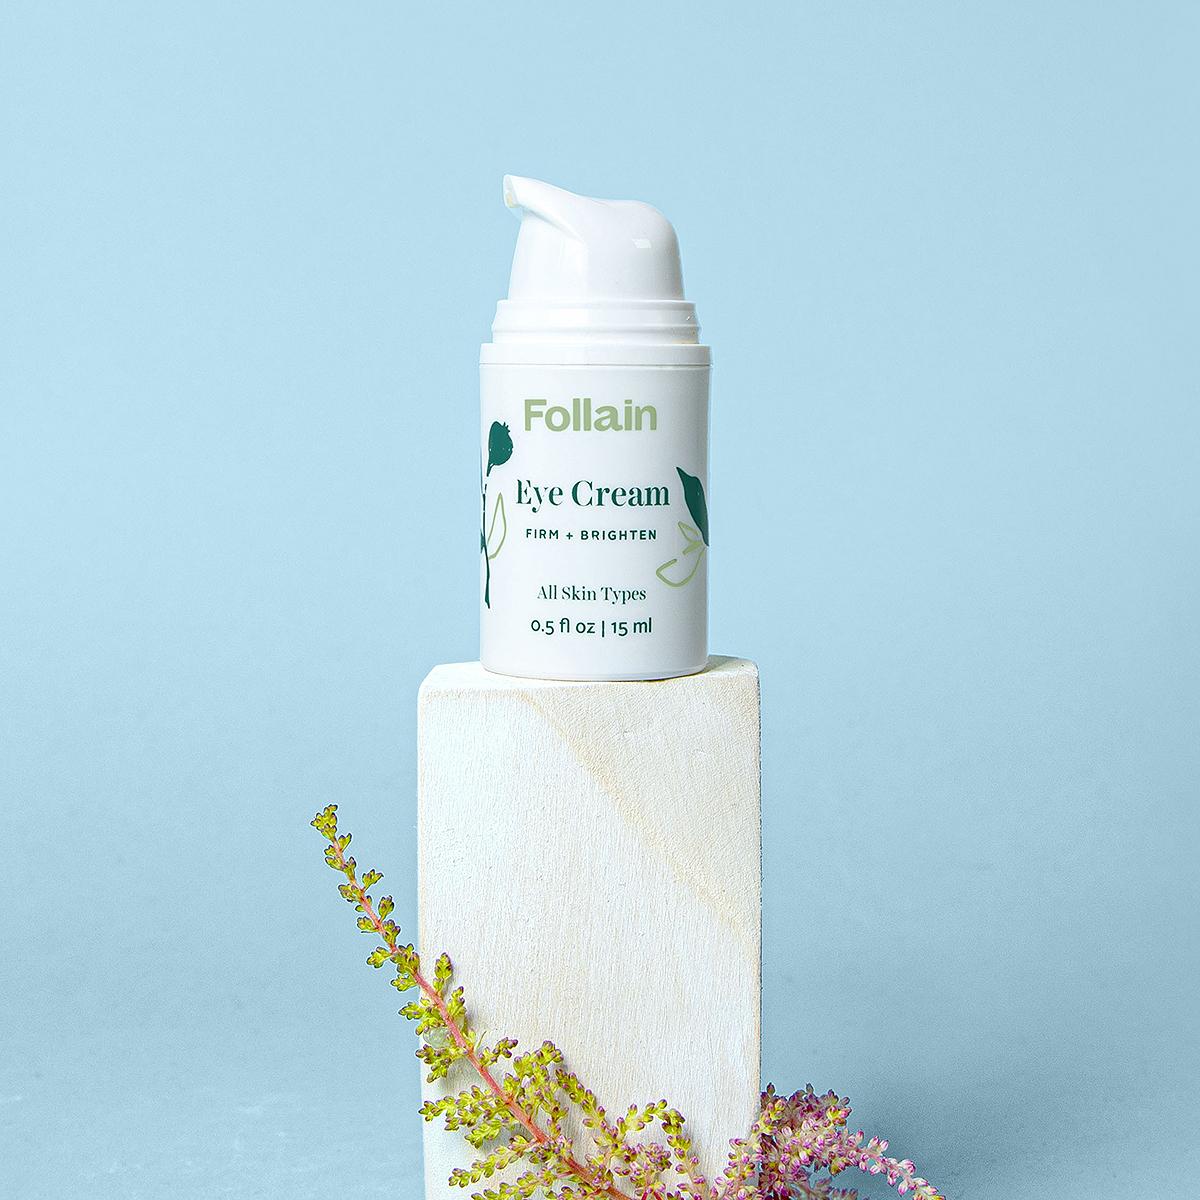 follain-eye-cream